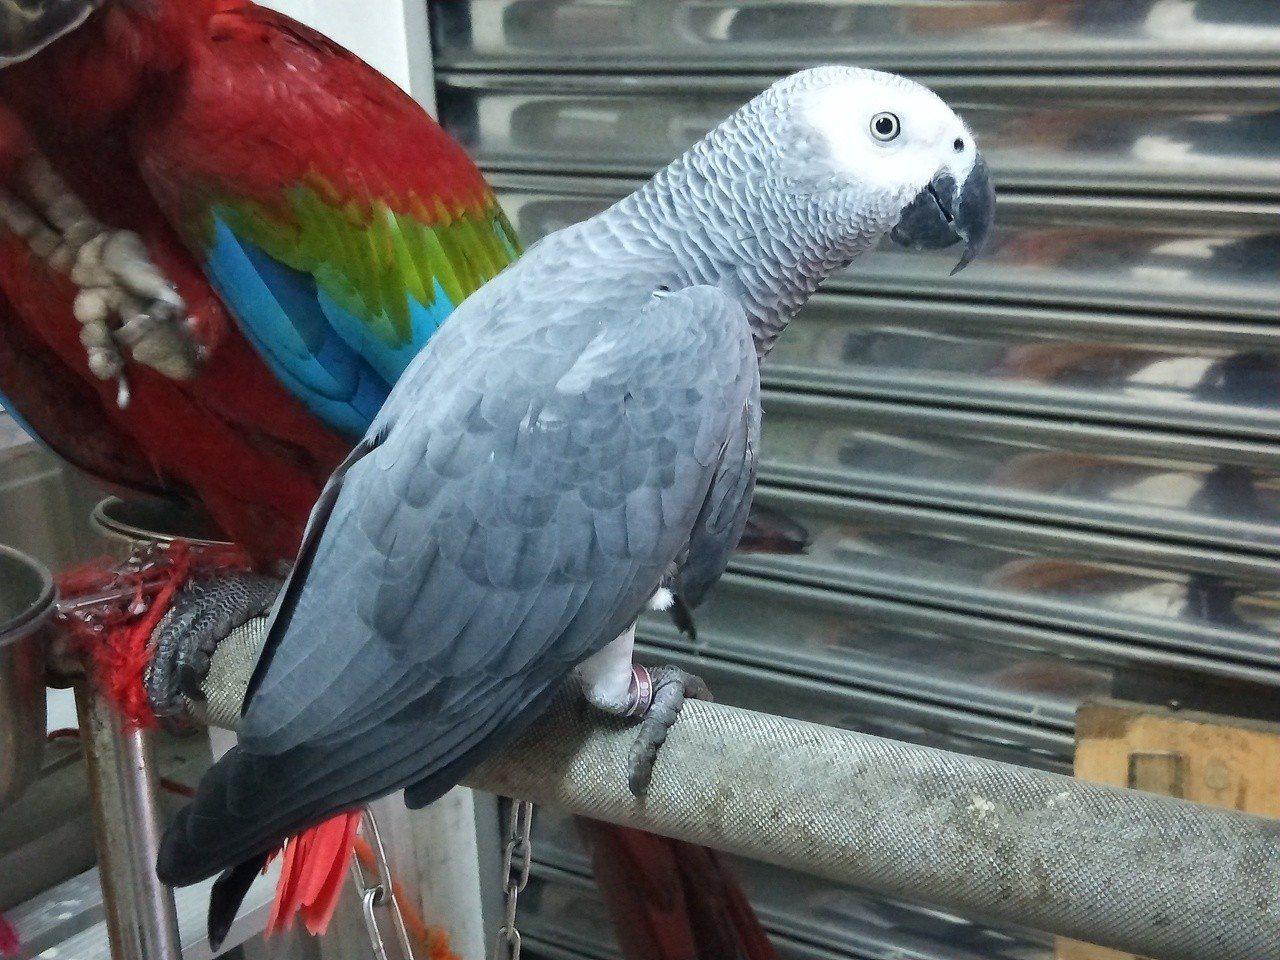 碗粿阿嬤的兒子飼養的一隻灰鷹鸚鵡「發財」,學會叫「賣碗粿喔」、「小姐,愛碗粿嘸?...